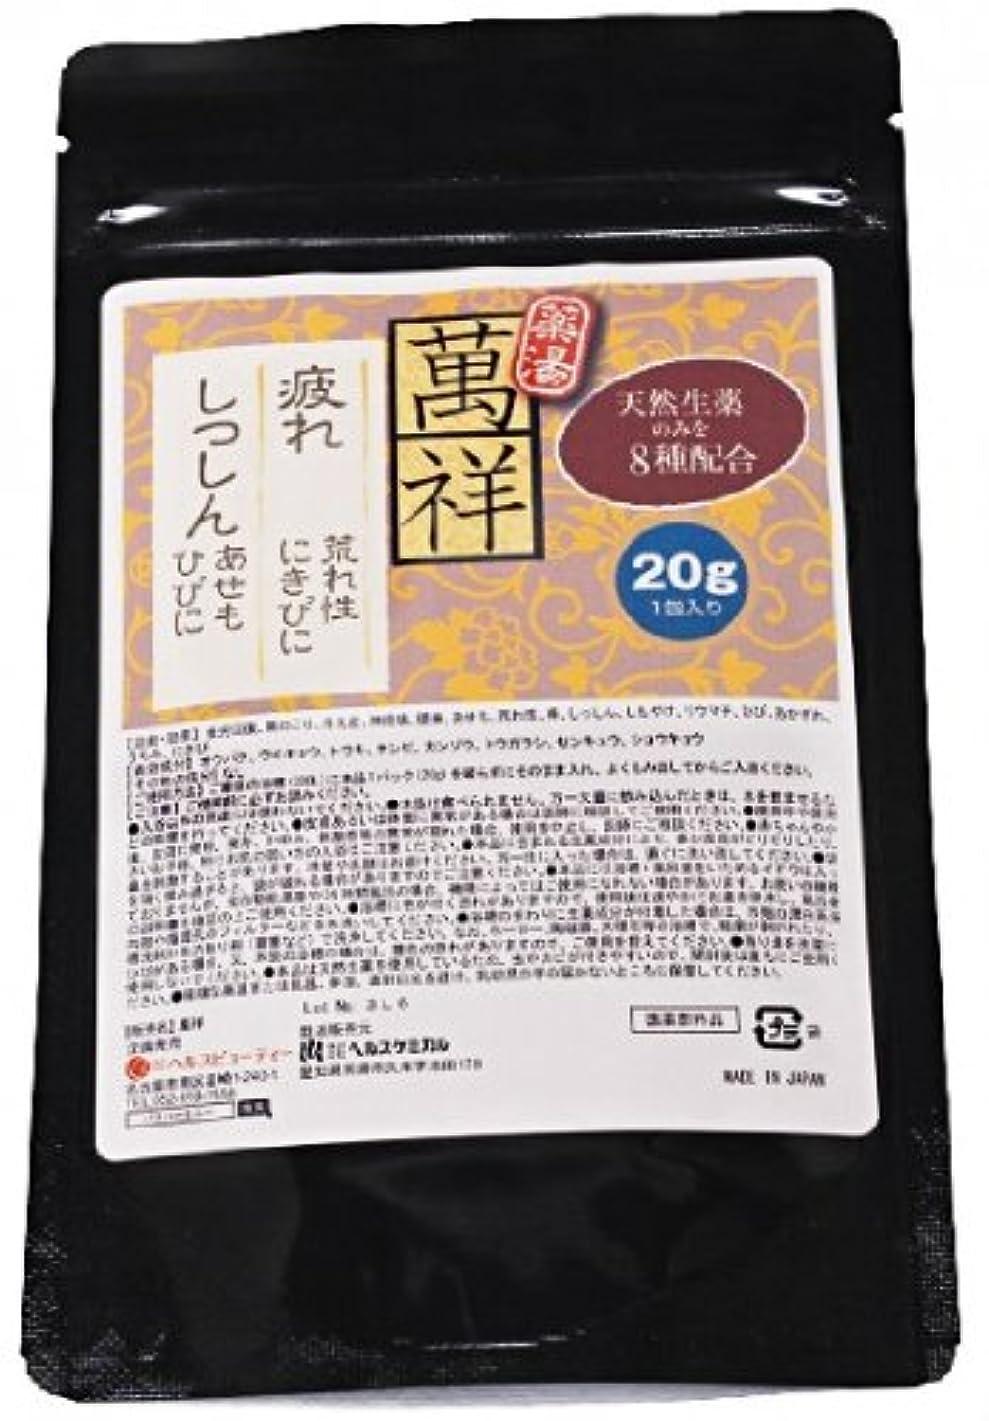 キャラクターゼリークラシック萬祥 1回分 刻み 生薬 薬湯 分包 タイプ 天然生薬 の 香り 医薬部外品